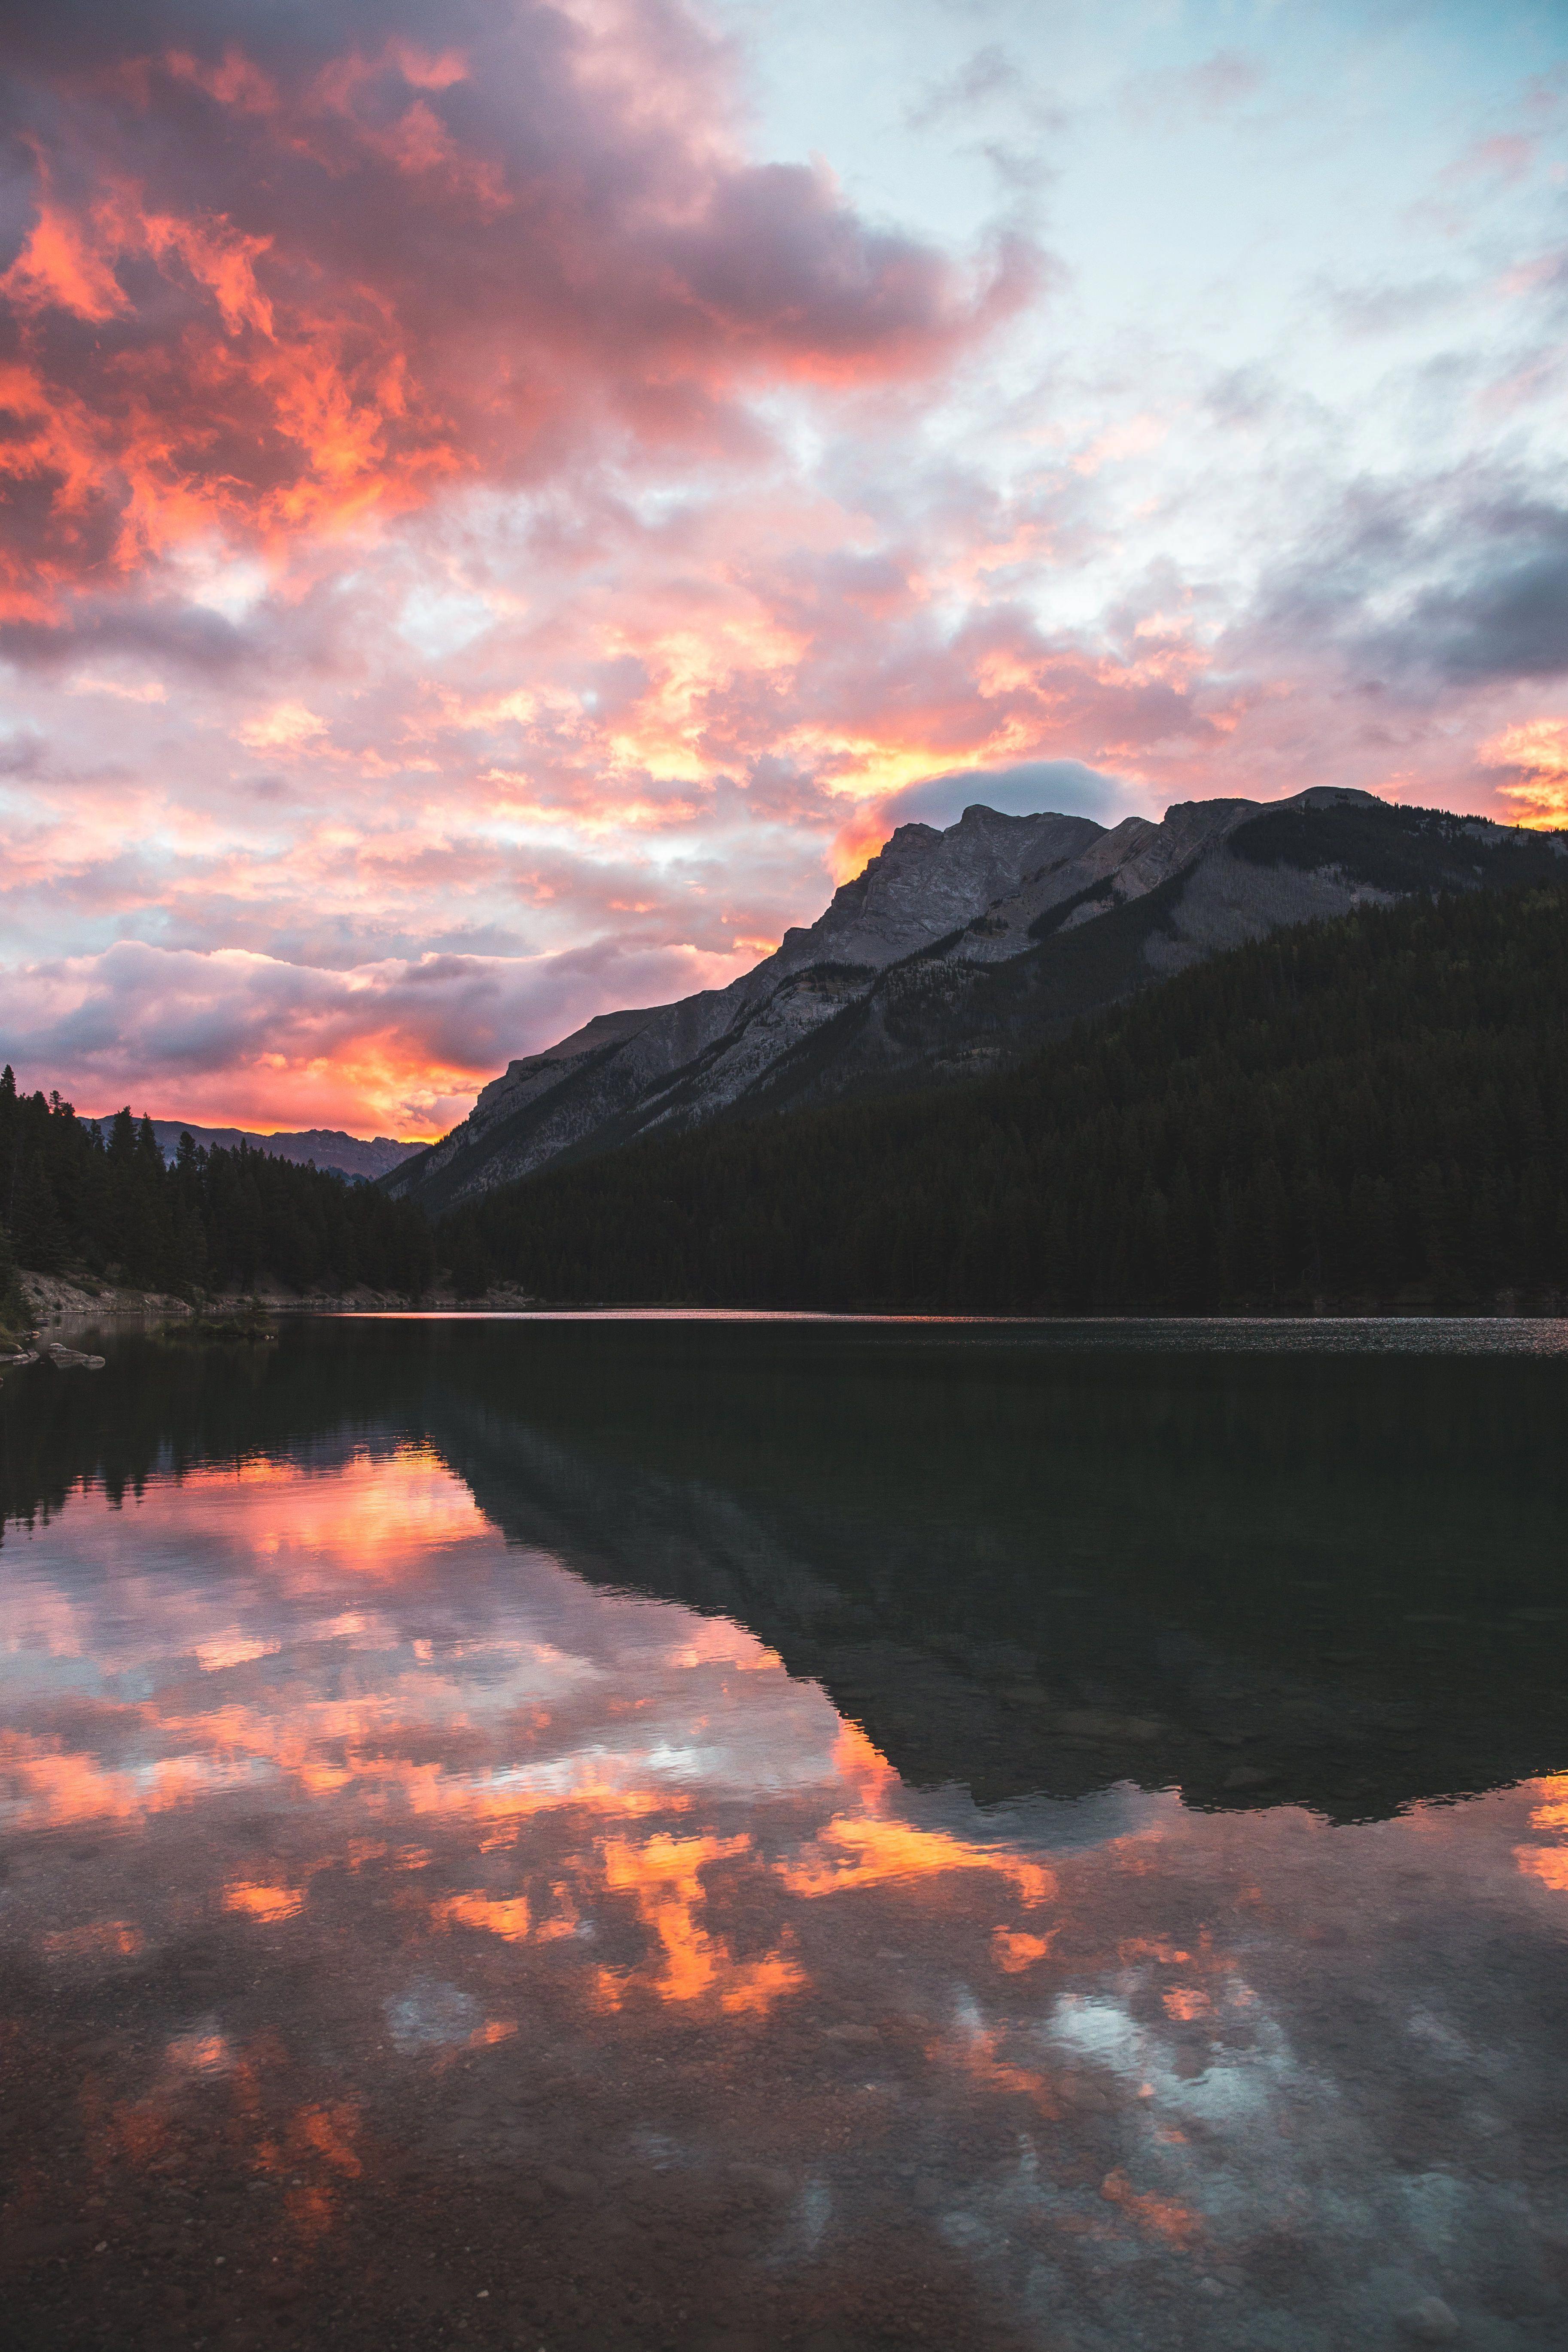 Simple Landscape Photography Landscapephotographytips In 2020 Landscape Photography Nature Photography Landscape Photography Tips